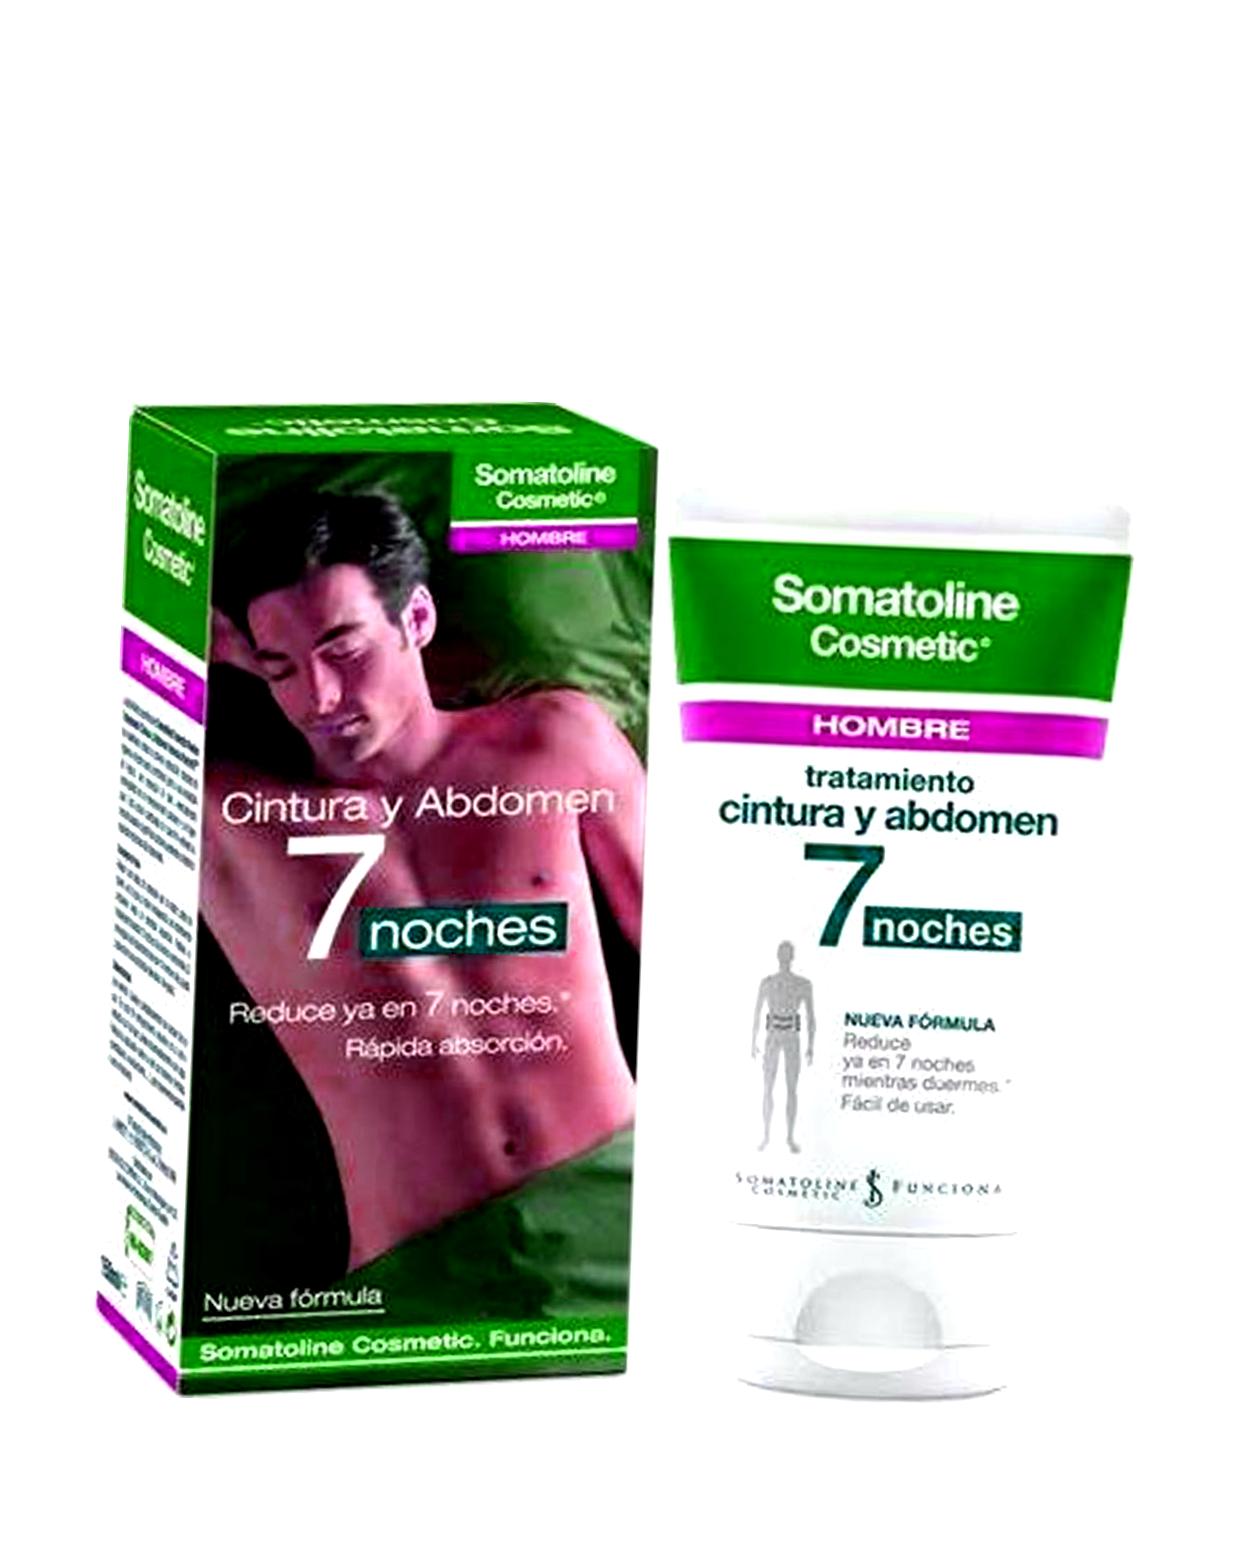 somatoline-hombre-cintura-y-abdomen-7-noches